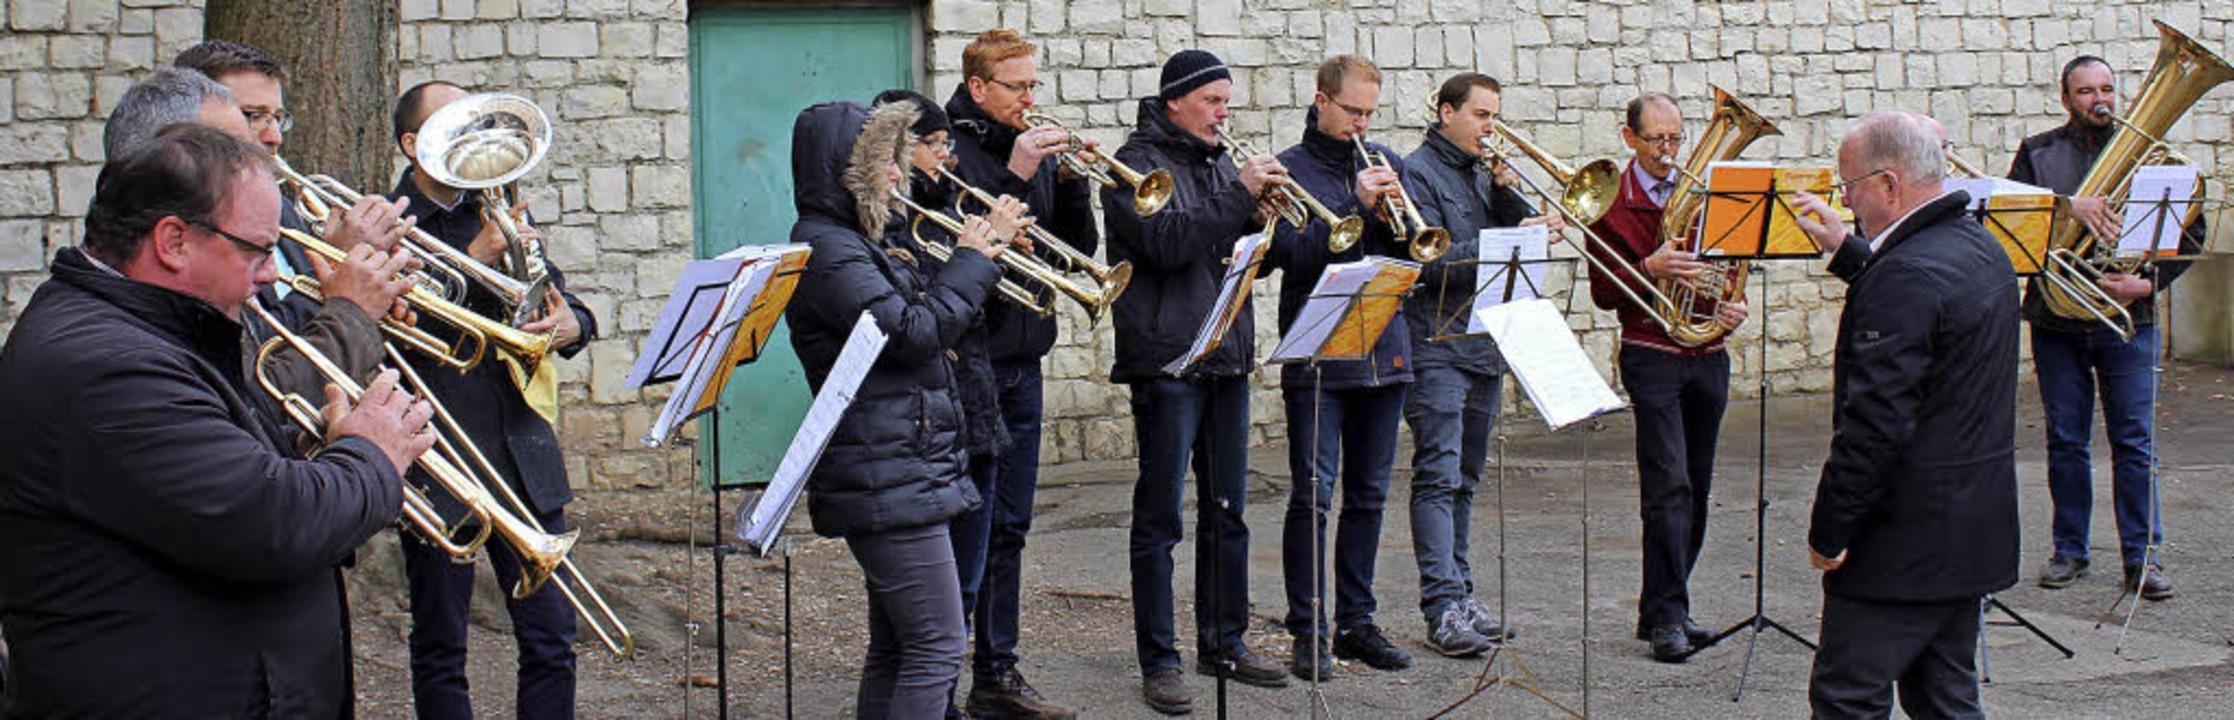 Der Posaunenchor aus Ihringen unter de...taltete den Gottesdienst musikalisch.   | Foto: Ruben Moratz